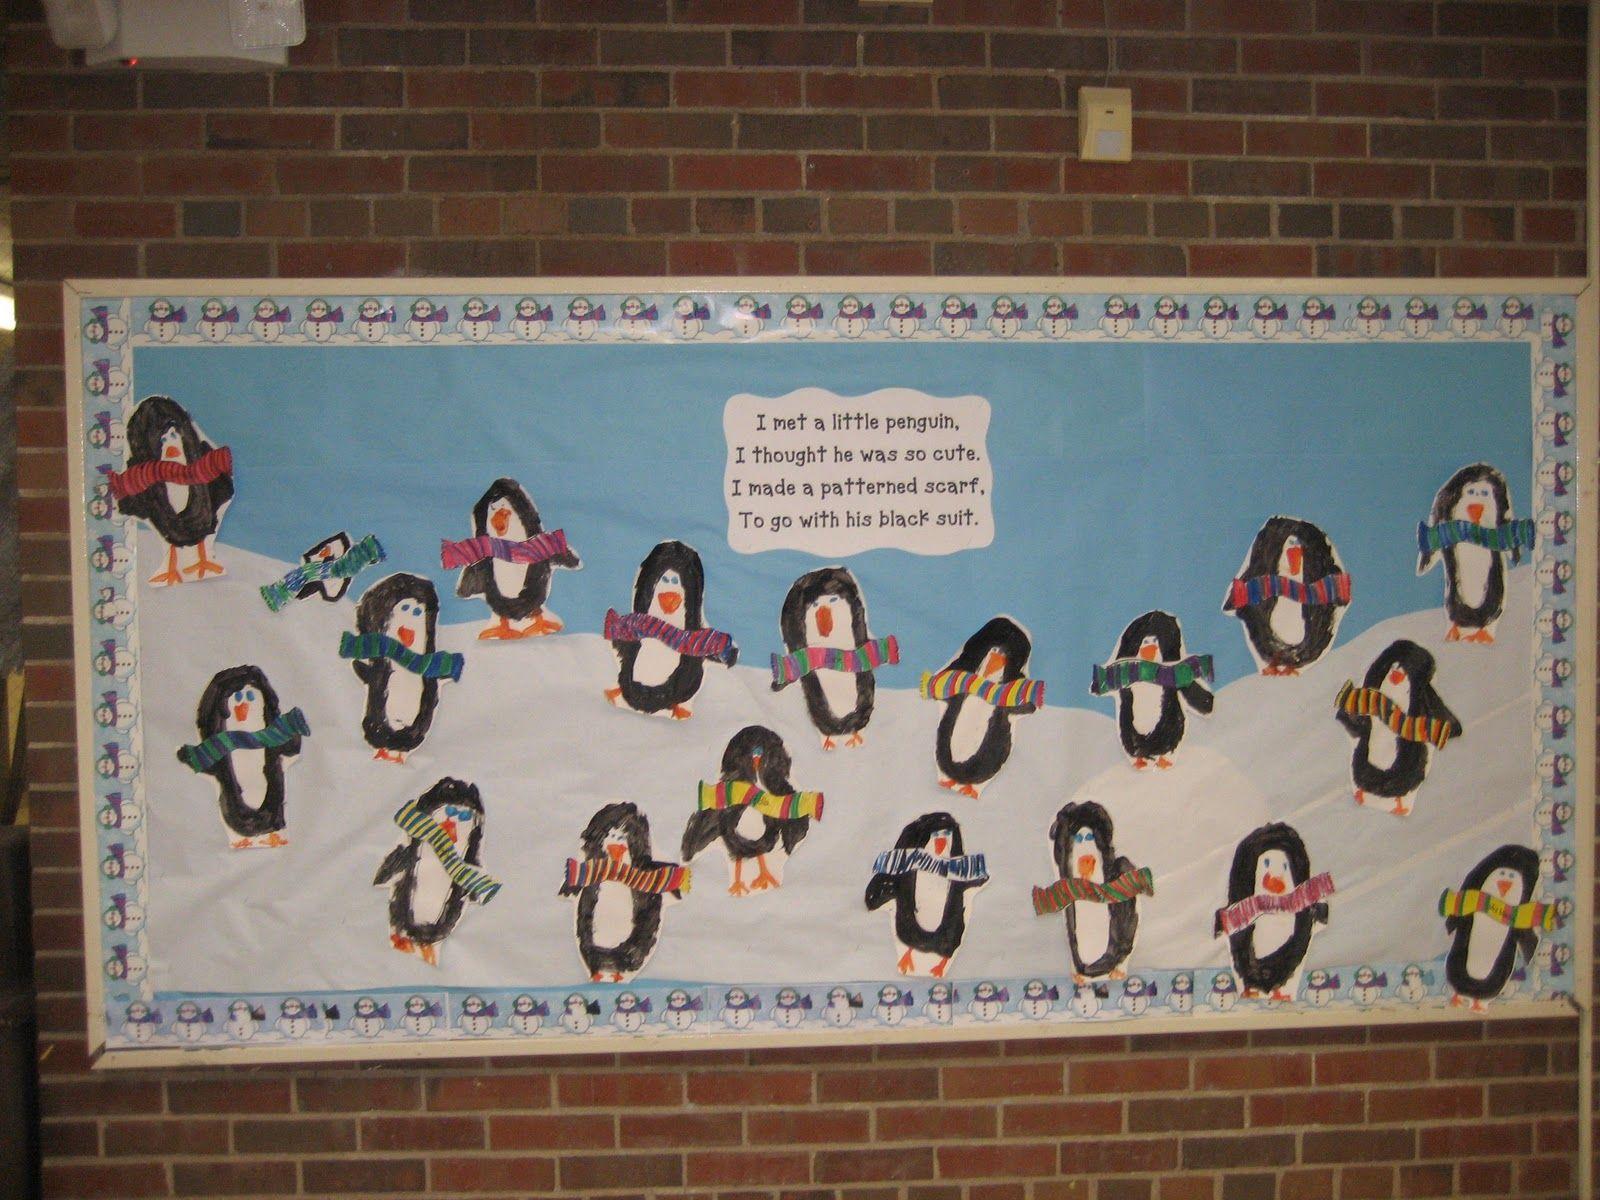 Winter bulletin boards ideas pinterest - Winter Bulleting Board Kindergarten Hoppenings More Winter Activities January Bulletin Board Ideaswinter